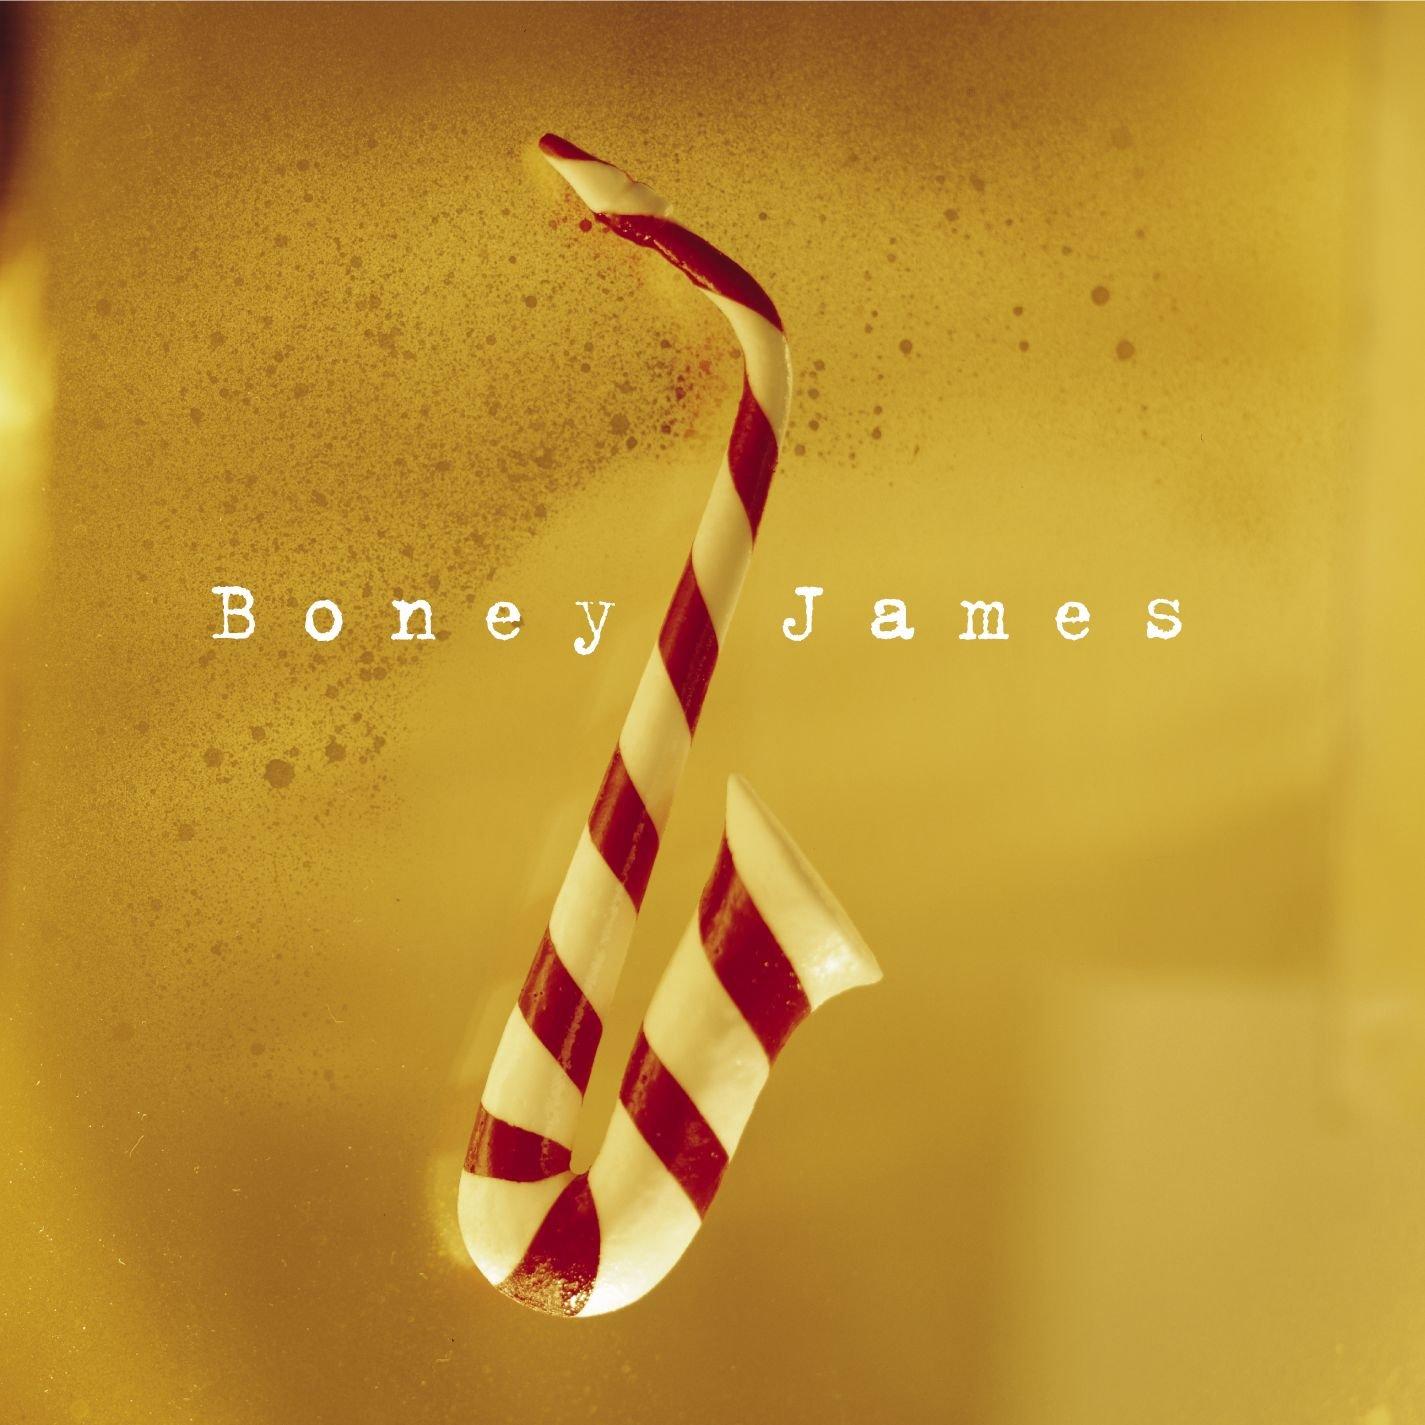 Boney's Funky Christmas by Warner Bros